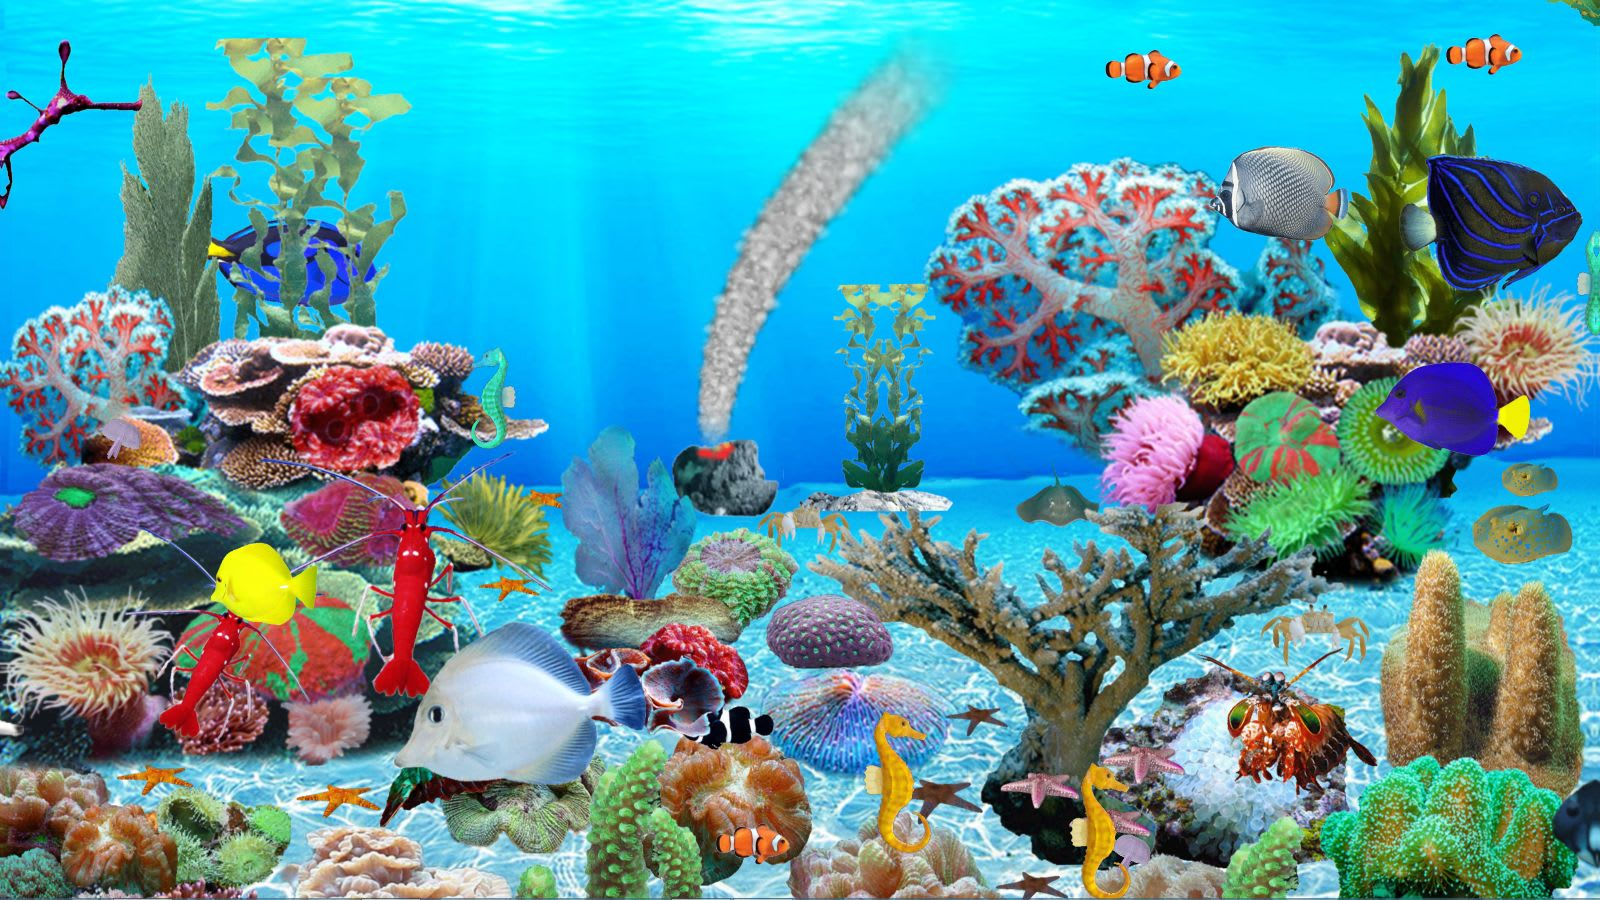 Blue Ocean Aquarium Download